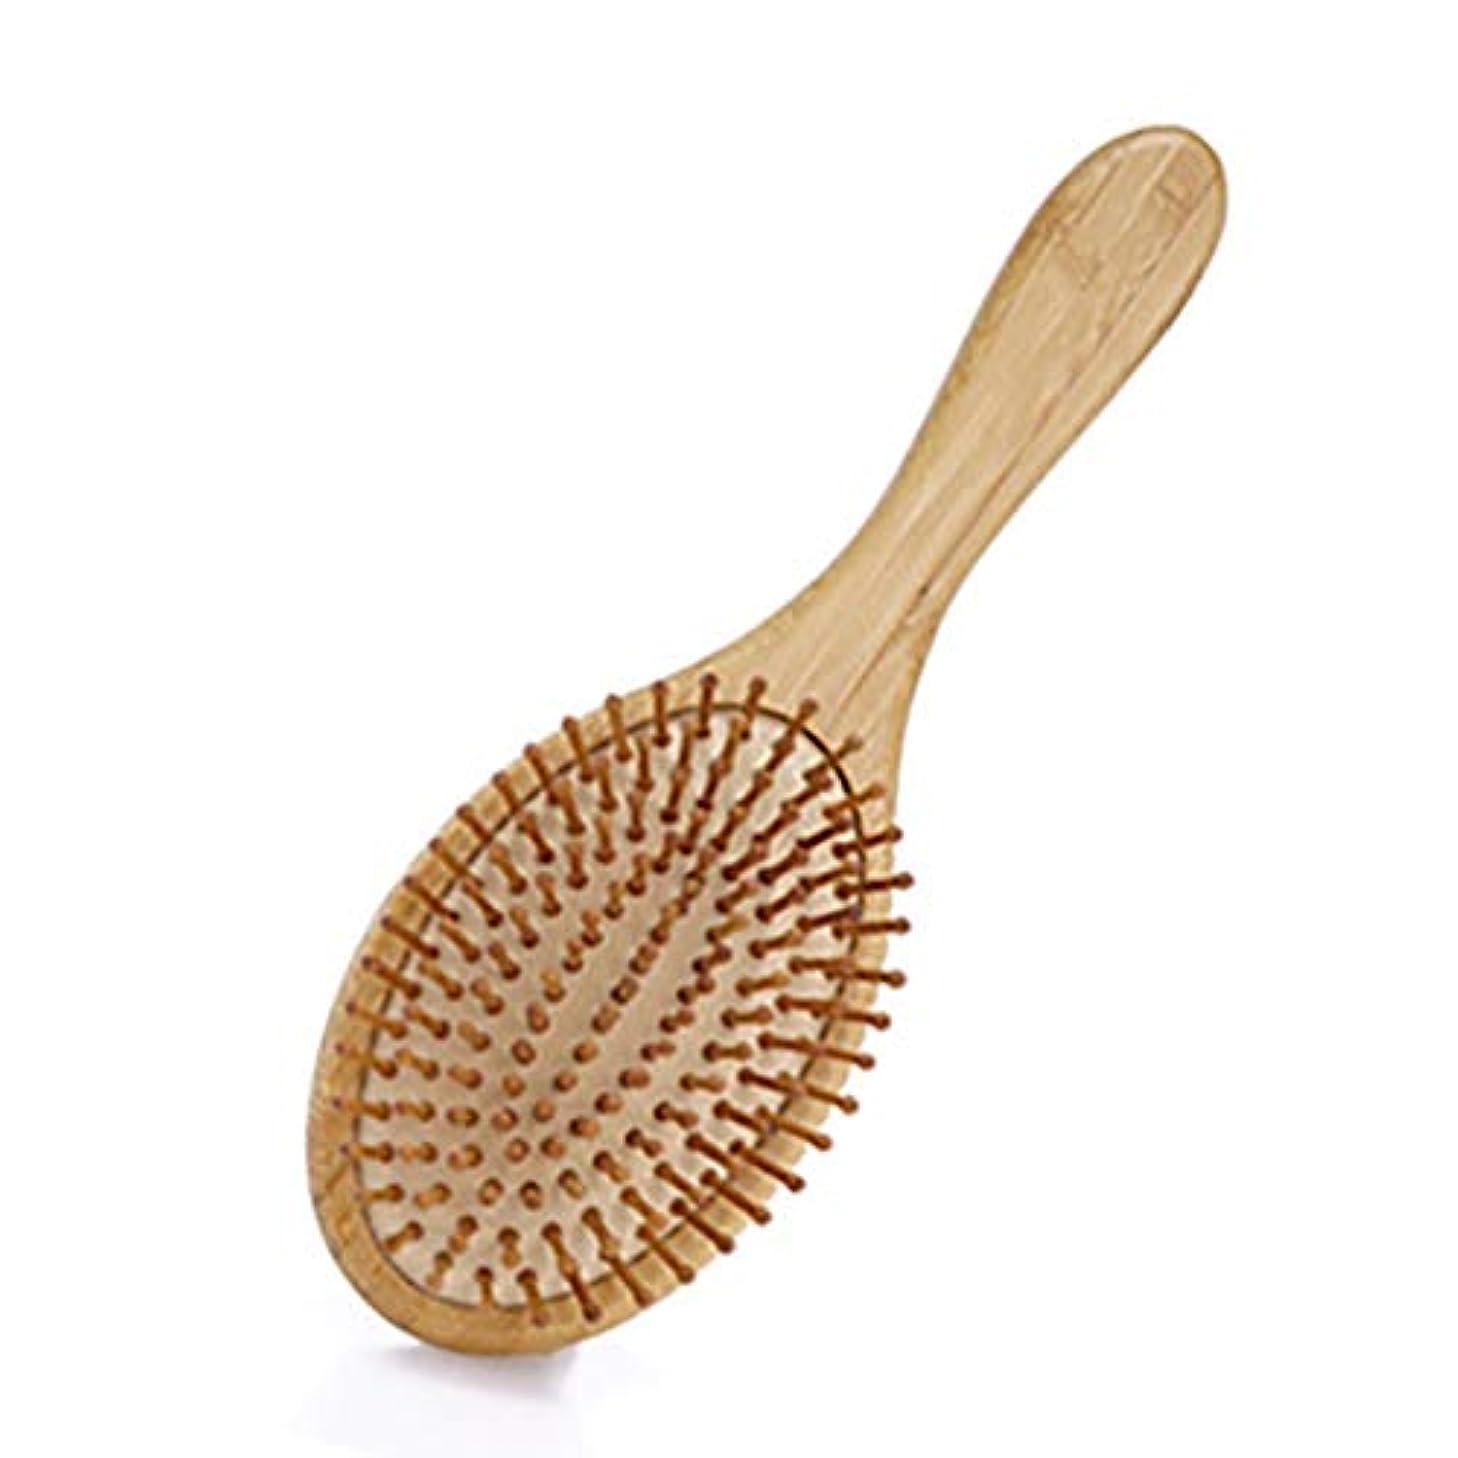 レタッチ値下げ葉巻Myths ヘアブラシ 竹製櫛 ヘアケア 頭皮マッサージ 静電気防止 パドルブラシ 美髪ケア 頭皮に優しい メンズ レディースに適用